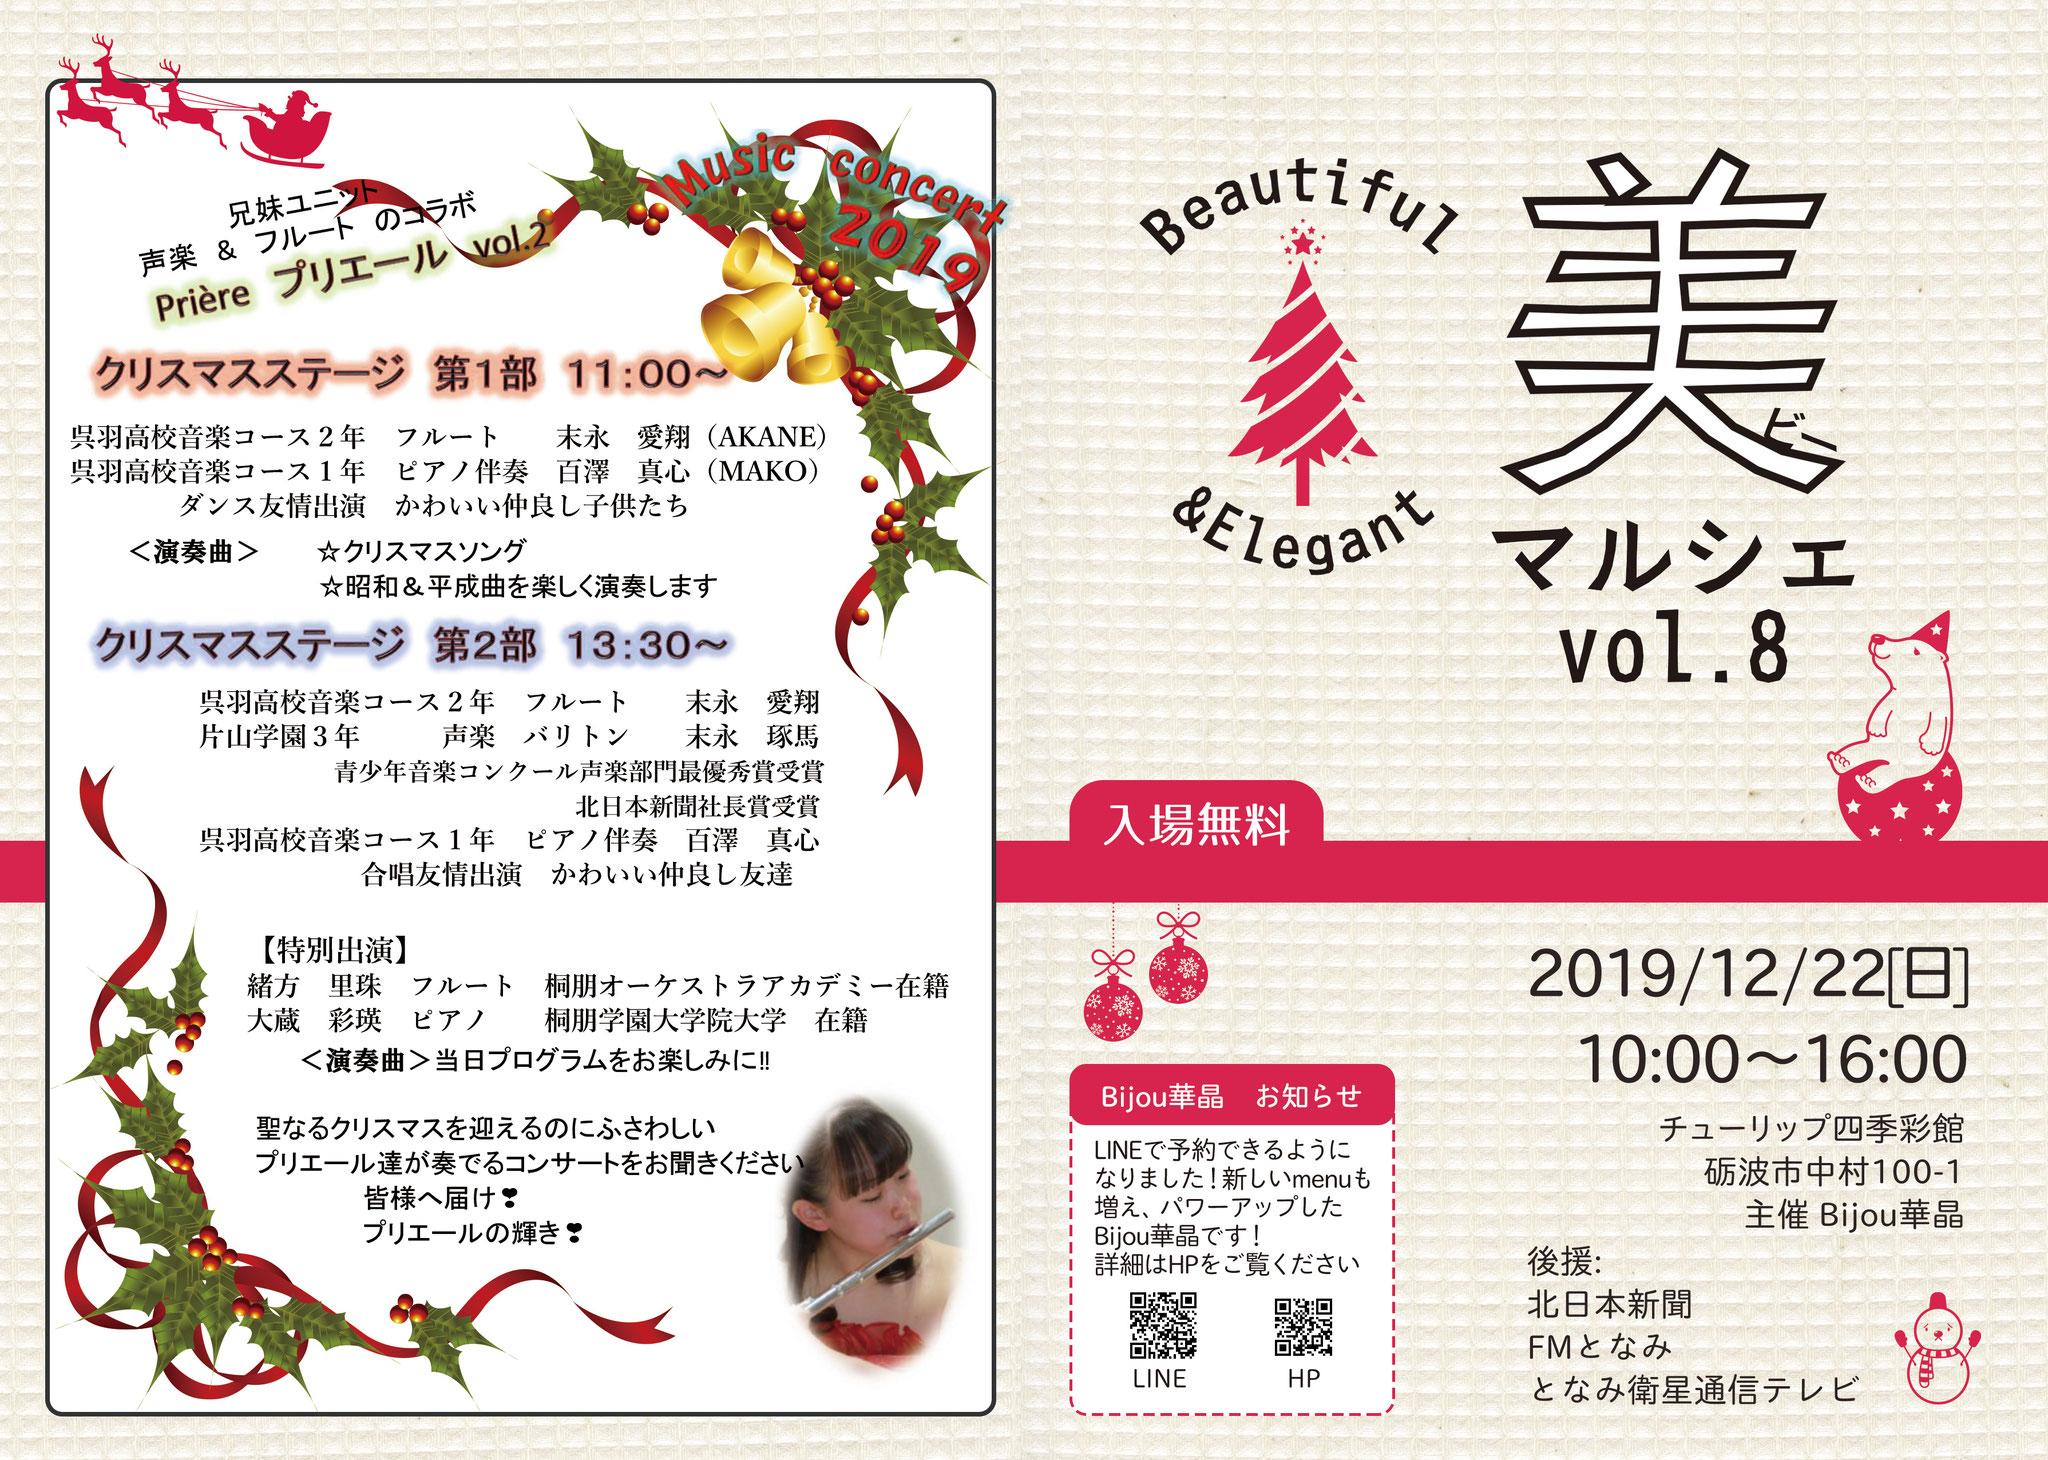 美マルシェ 2019/12/22 砺波 四季彩館